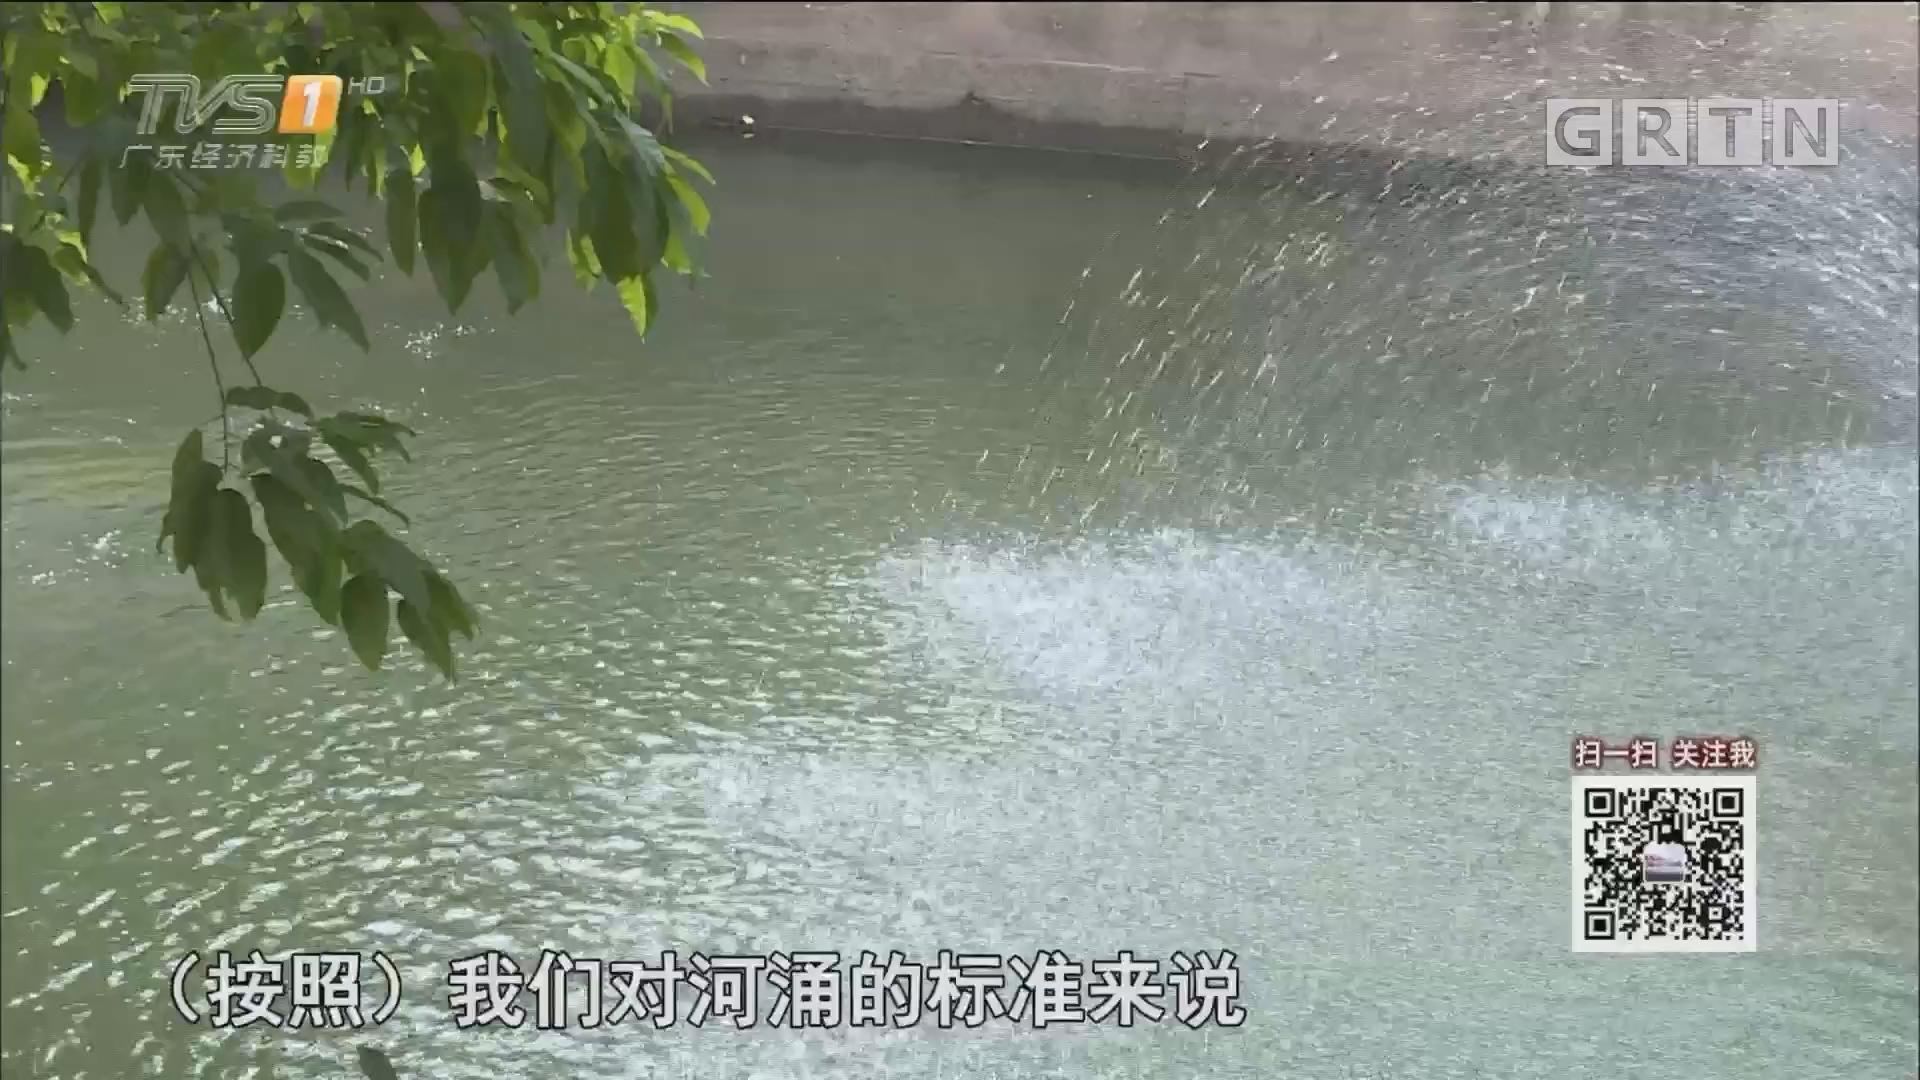 慕容森林:我想青山绿水重现驷马涌(上)